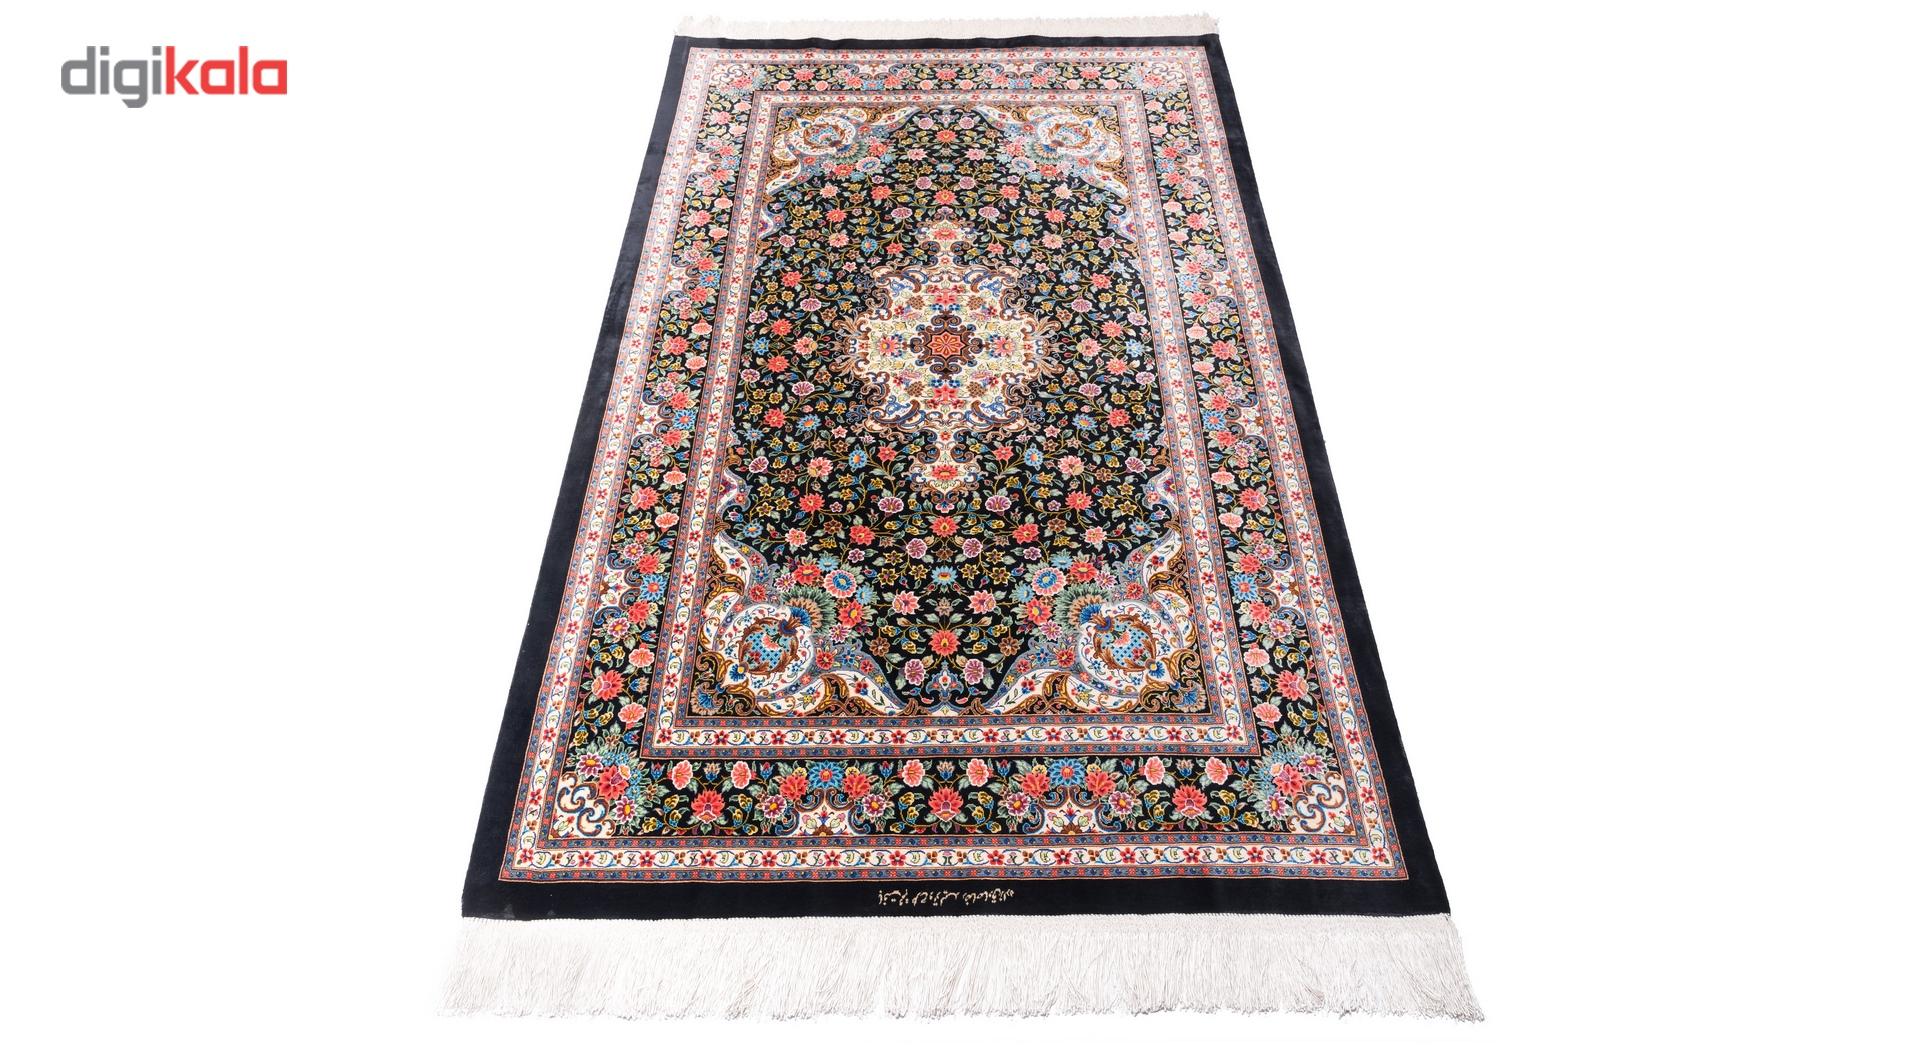 خرید                       فرش دستبافت ذرع ونیم سی پرشیا کد 161084